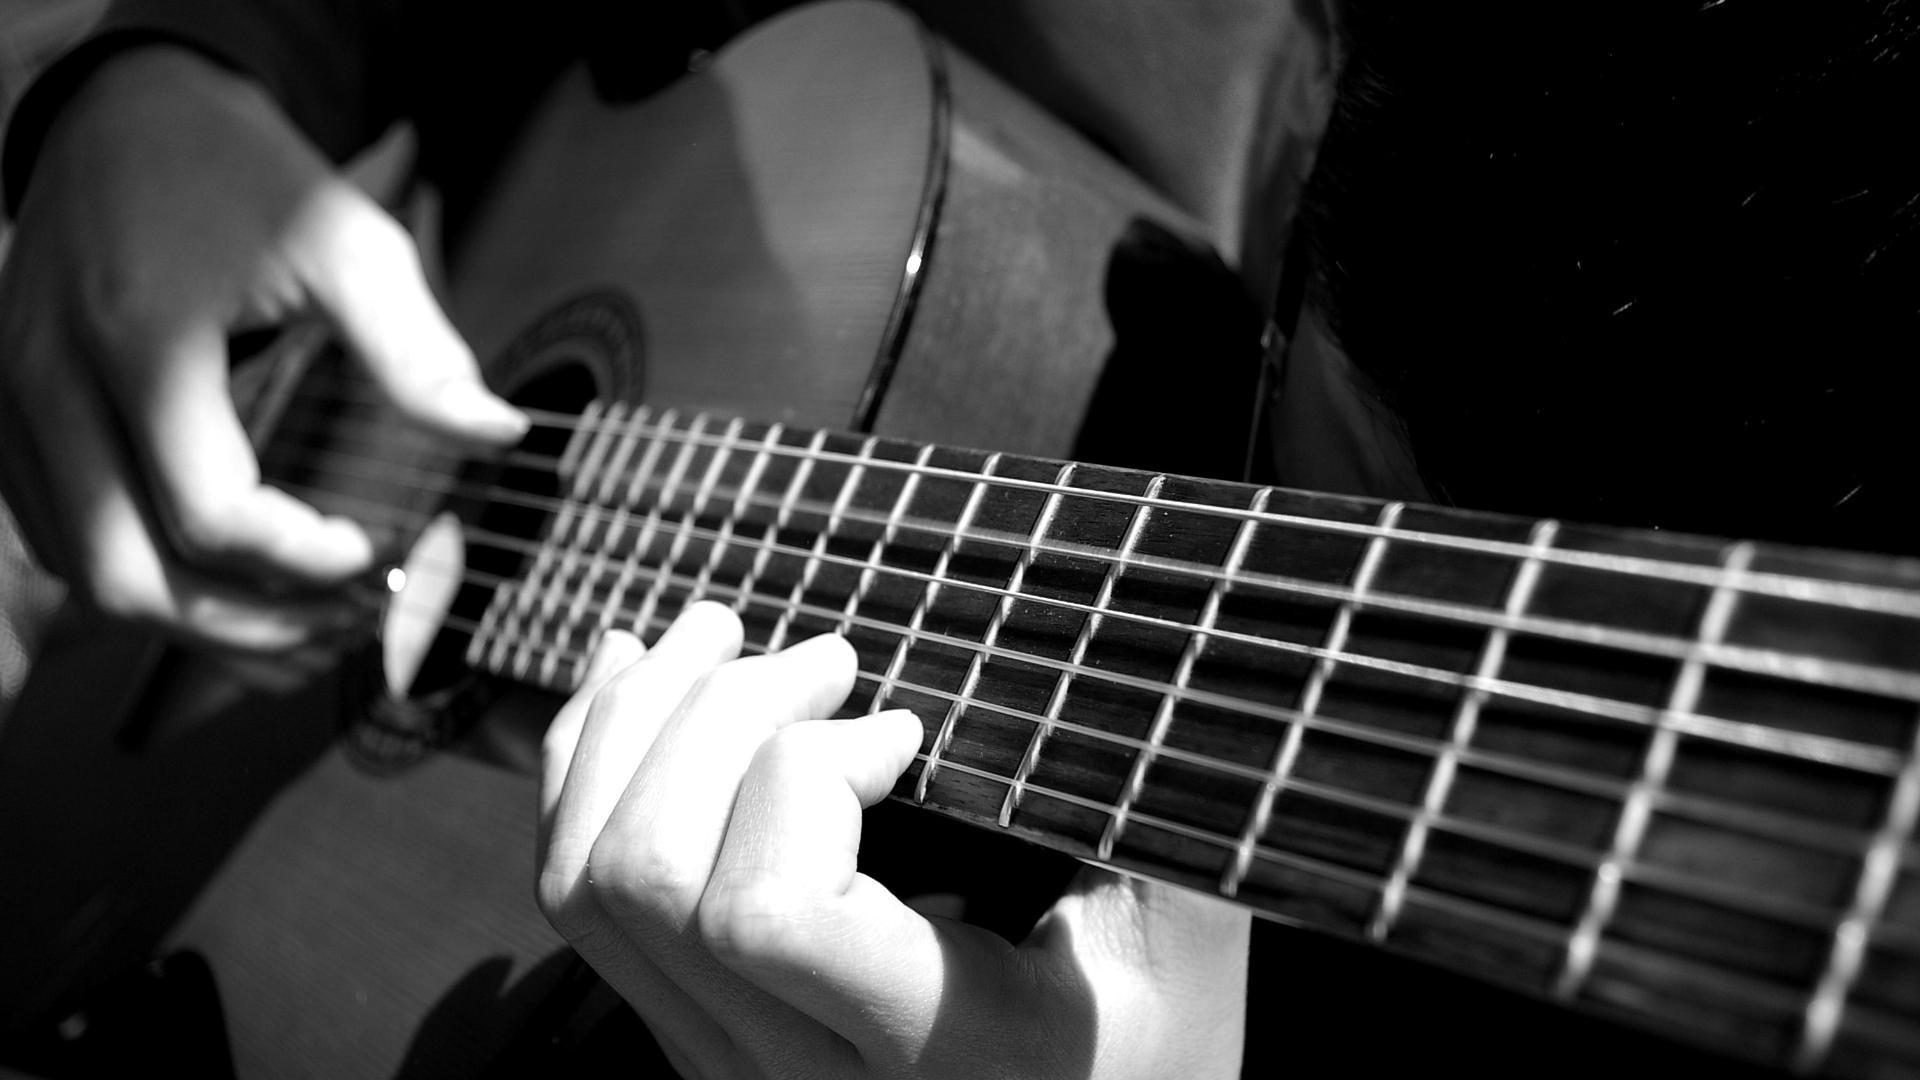 Guitar Wallpaper – Guitar Art – Guitar Strings – Webstrings – p … |  Download Wallpaper | Pinterest | Full hd pictures, Guitar art and Wallpaper